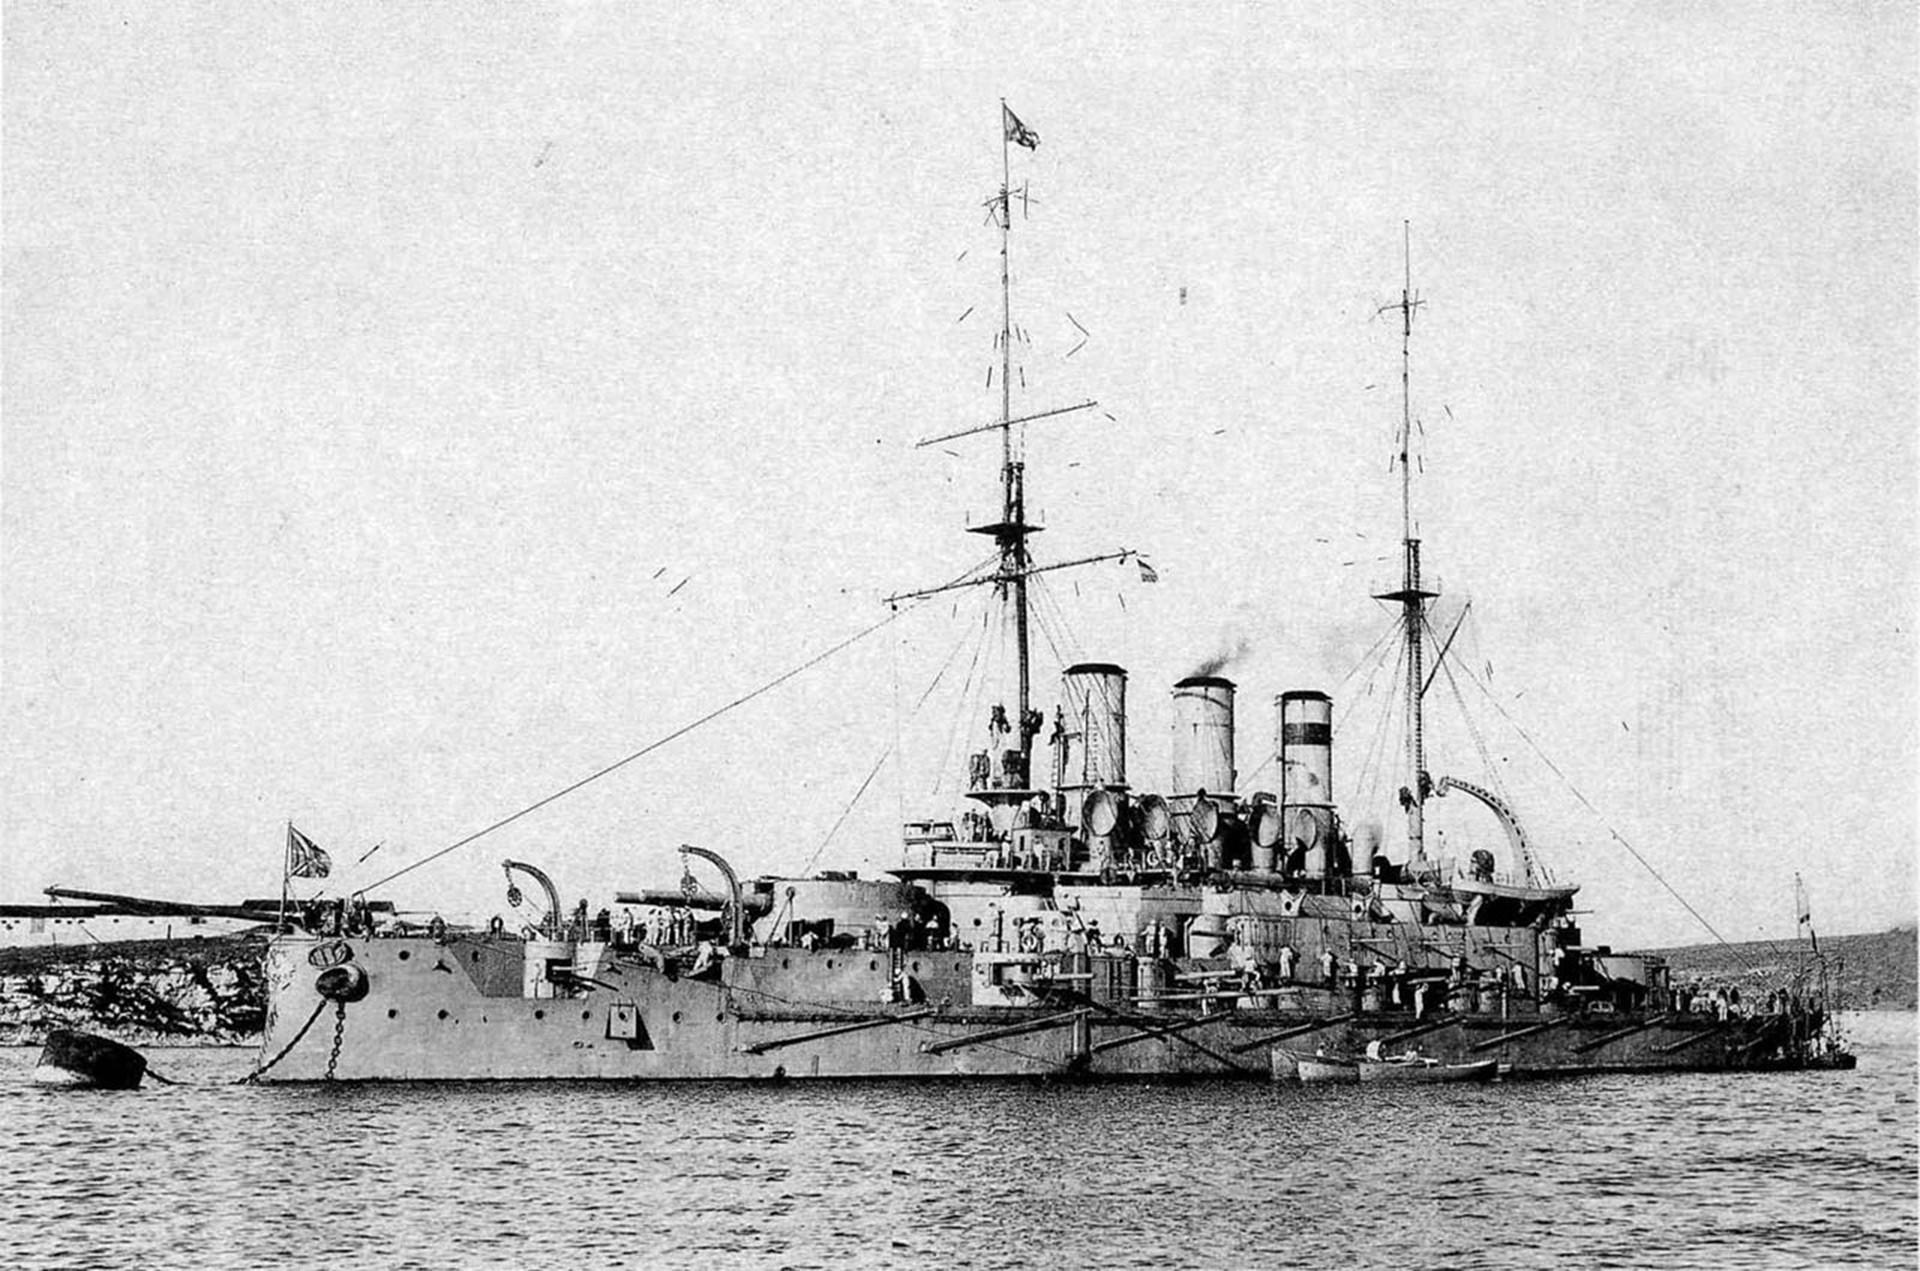 Imperial Russian battleship Panteleimon in Sevastopol, summer 1912.